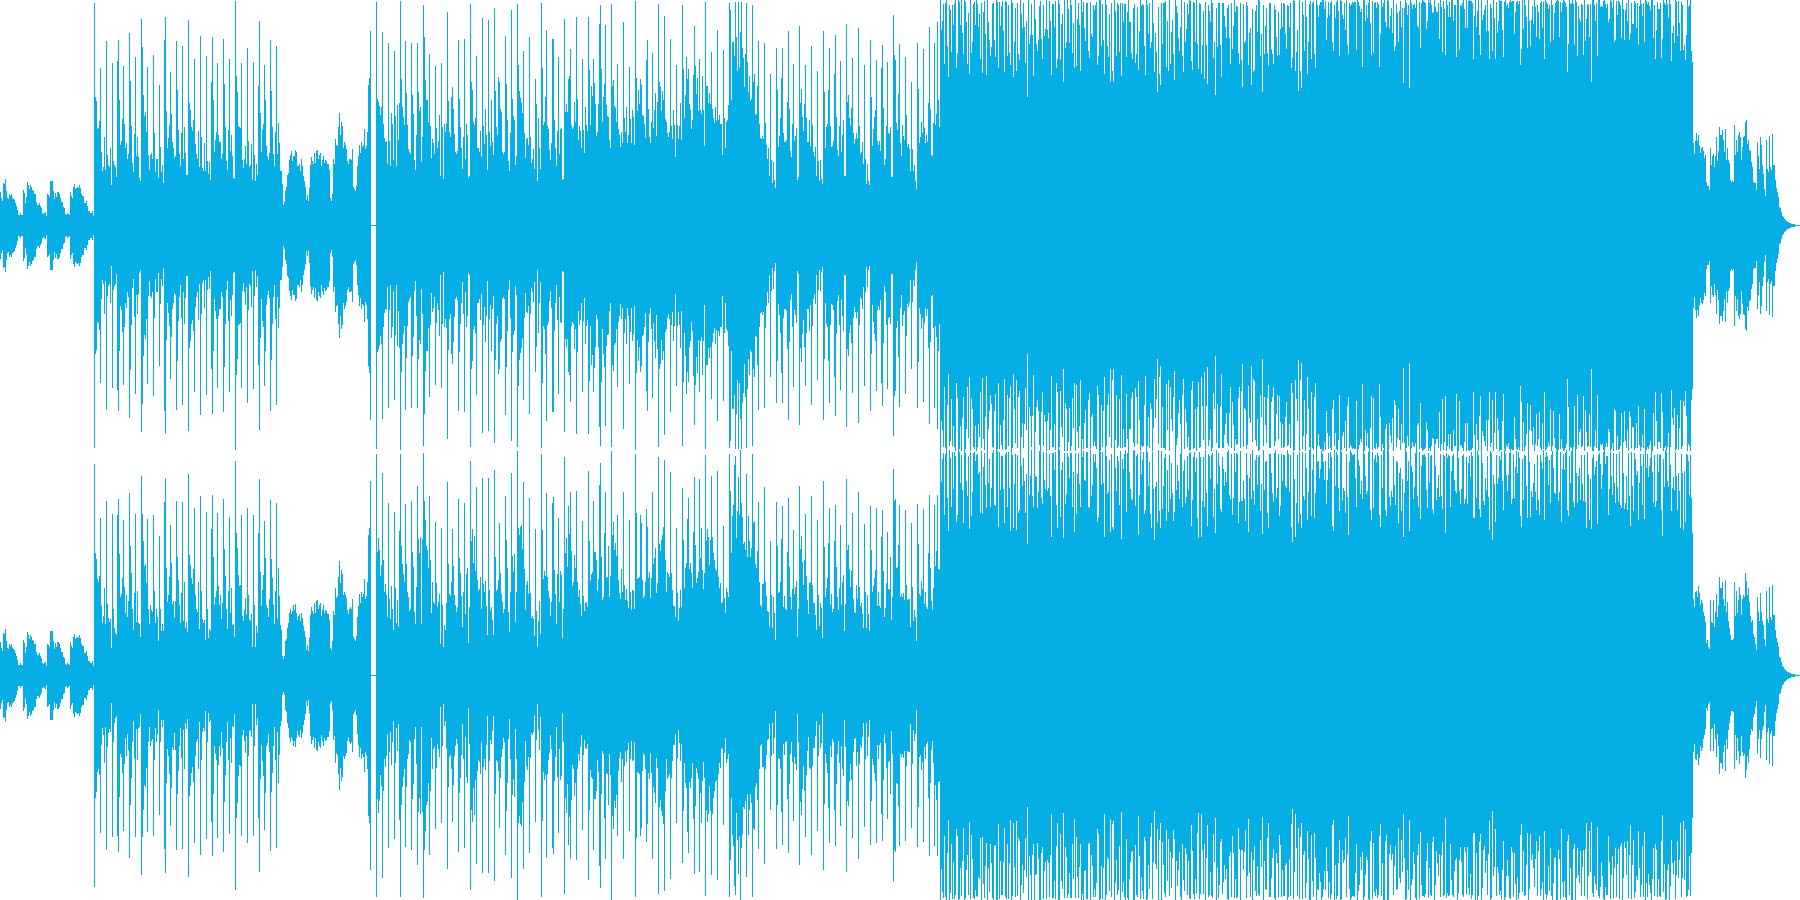 心の移り変わりを表した幻想的な曲の再生済みの波形